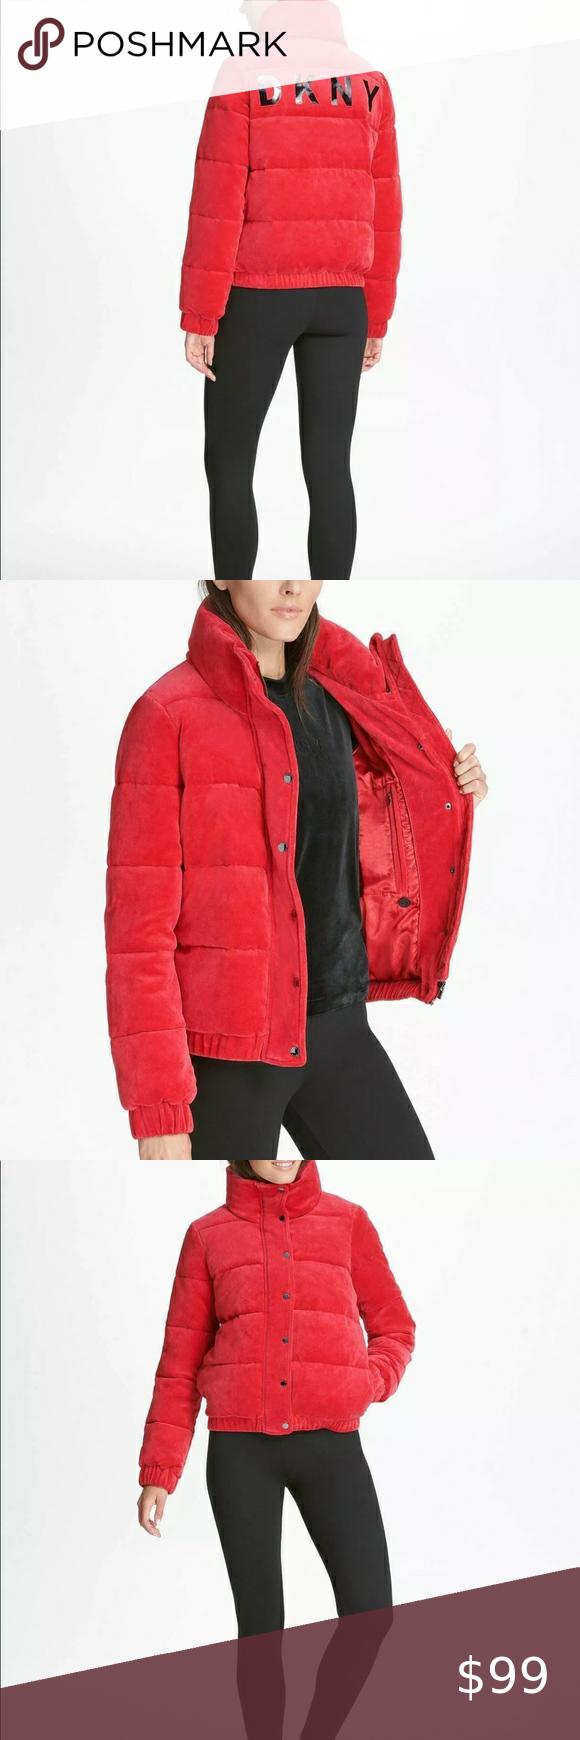 New Dkny Sport Velour Puffer Jacket Size L Dkny Sport Velour Puffer Jacket Size L Brand New Without Tags Great Velour Puffer Jac Jackets Puffer Jackets Velour [ 1740 x 580 Pixel ]